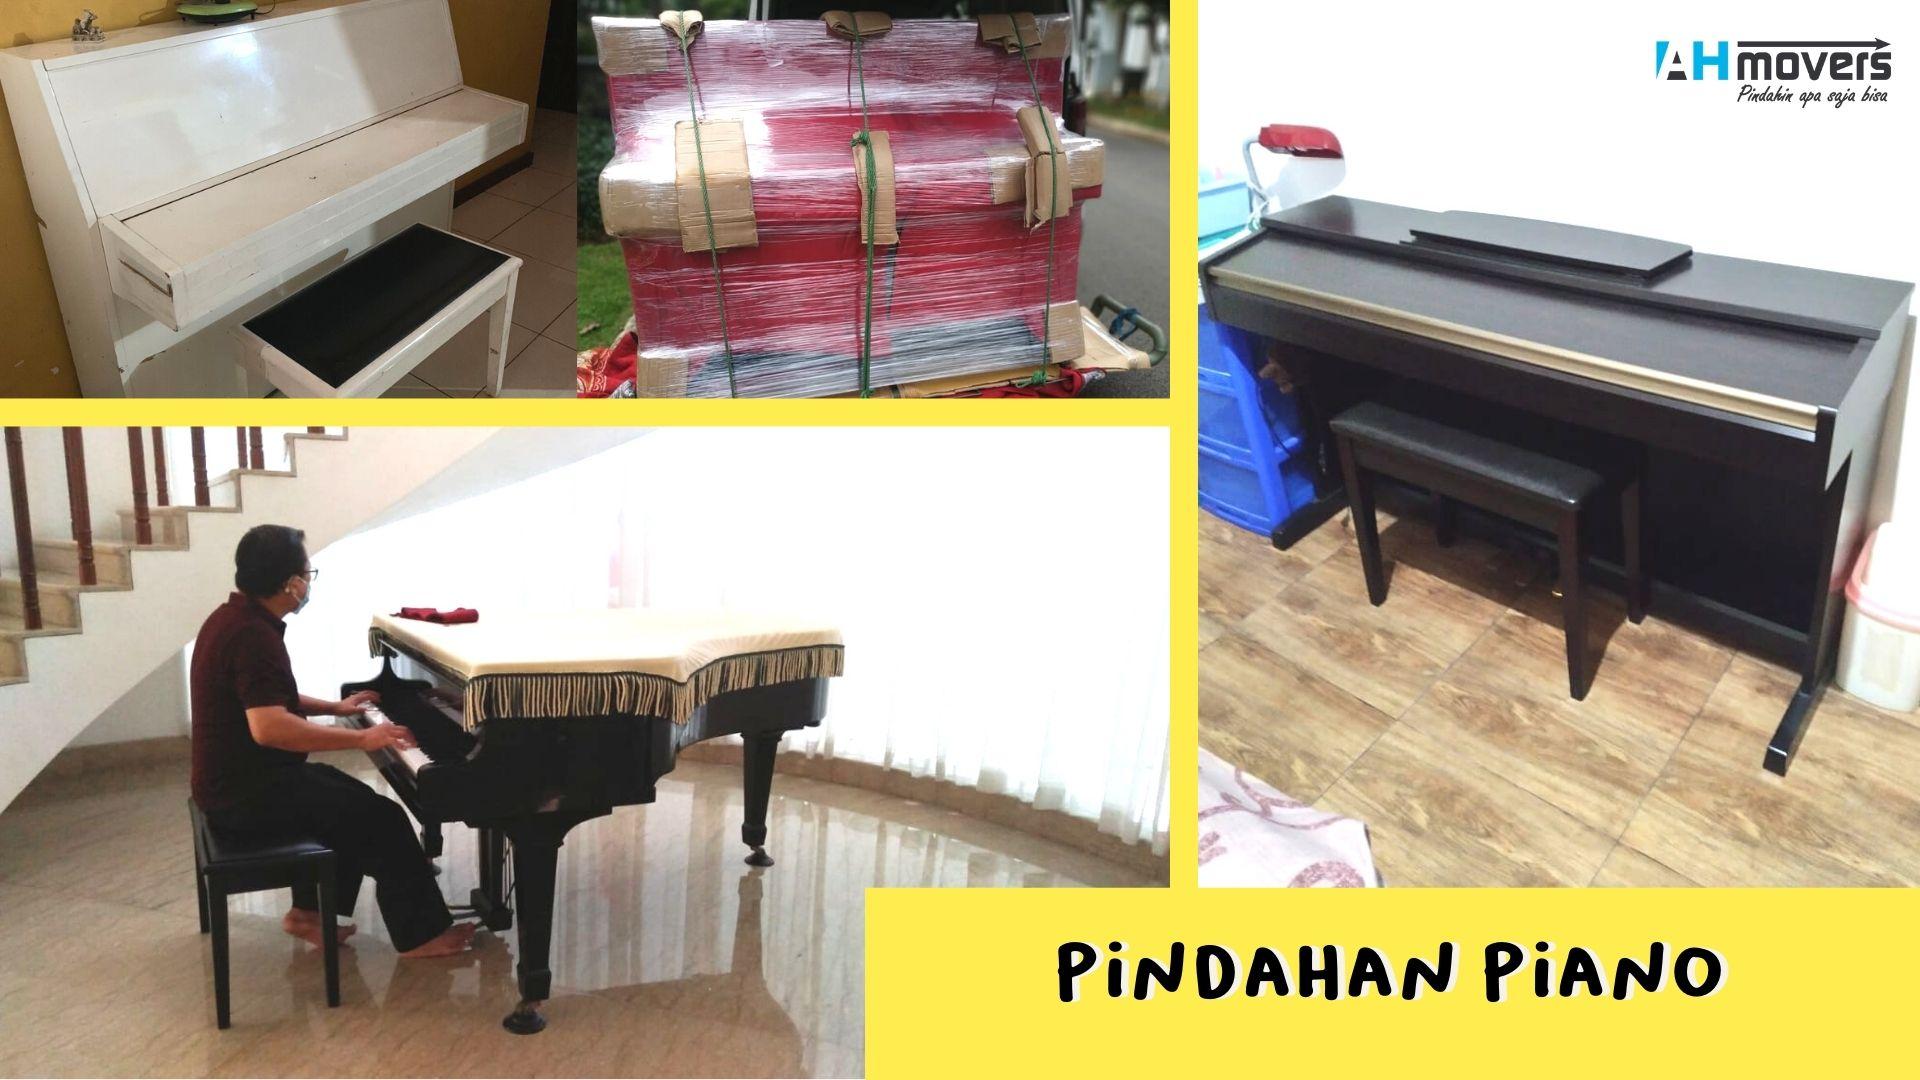 Pindahan Piano